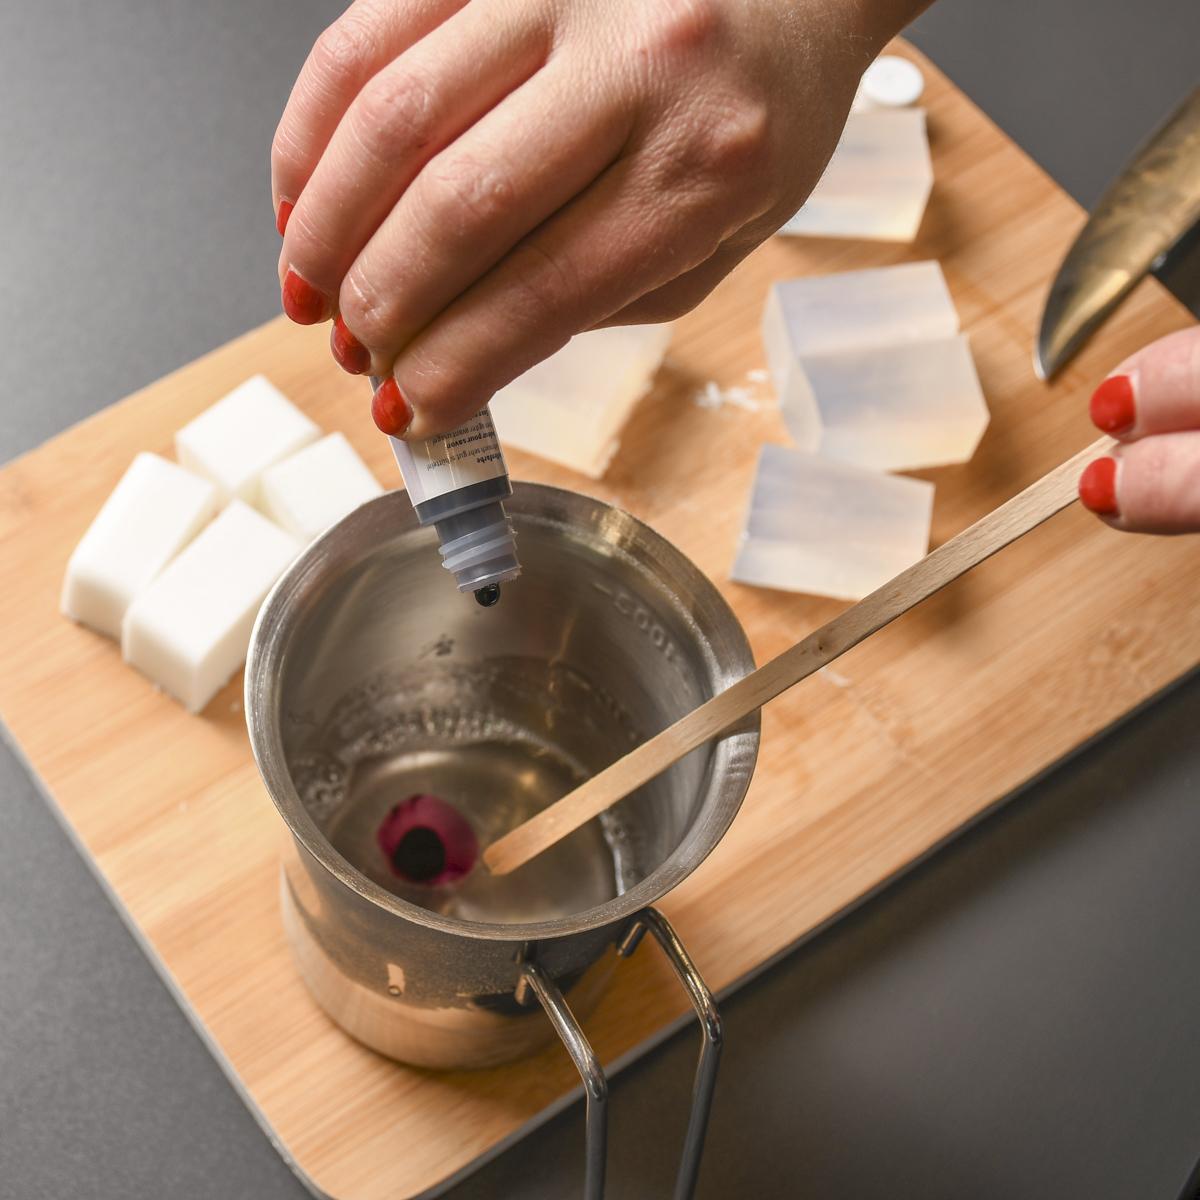 Flüssige Seifenbasis mit Seifenfarbe einfärben und ggf. Duftöle unterrühren.